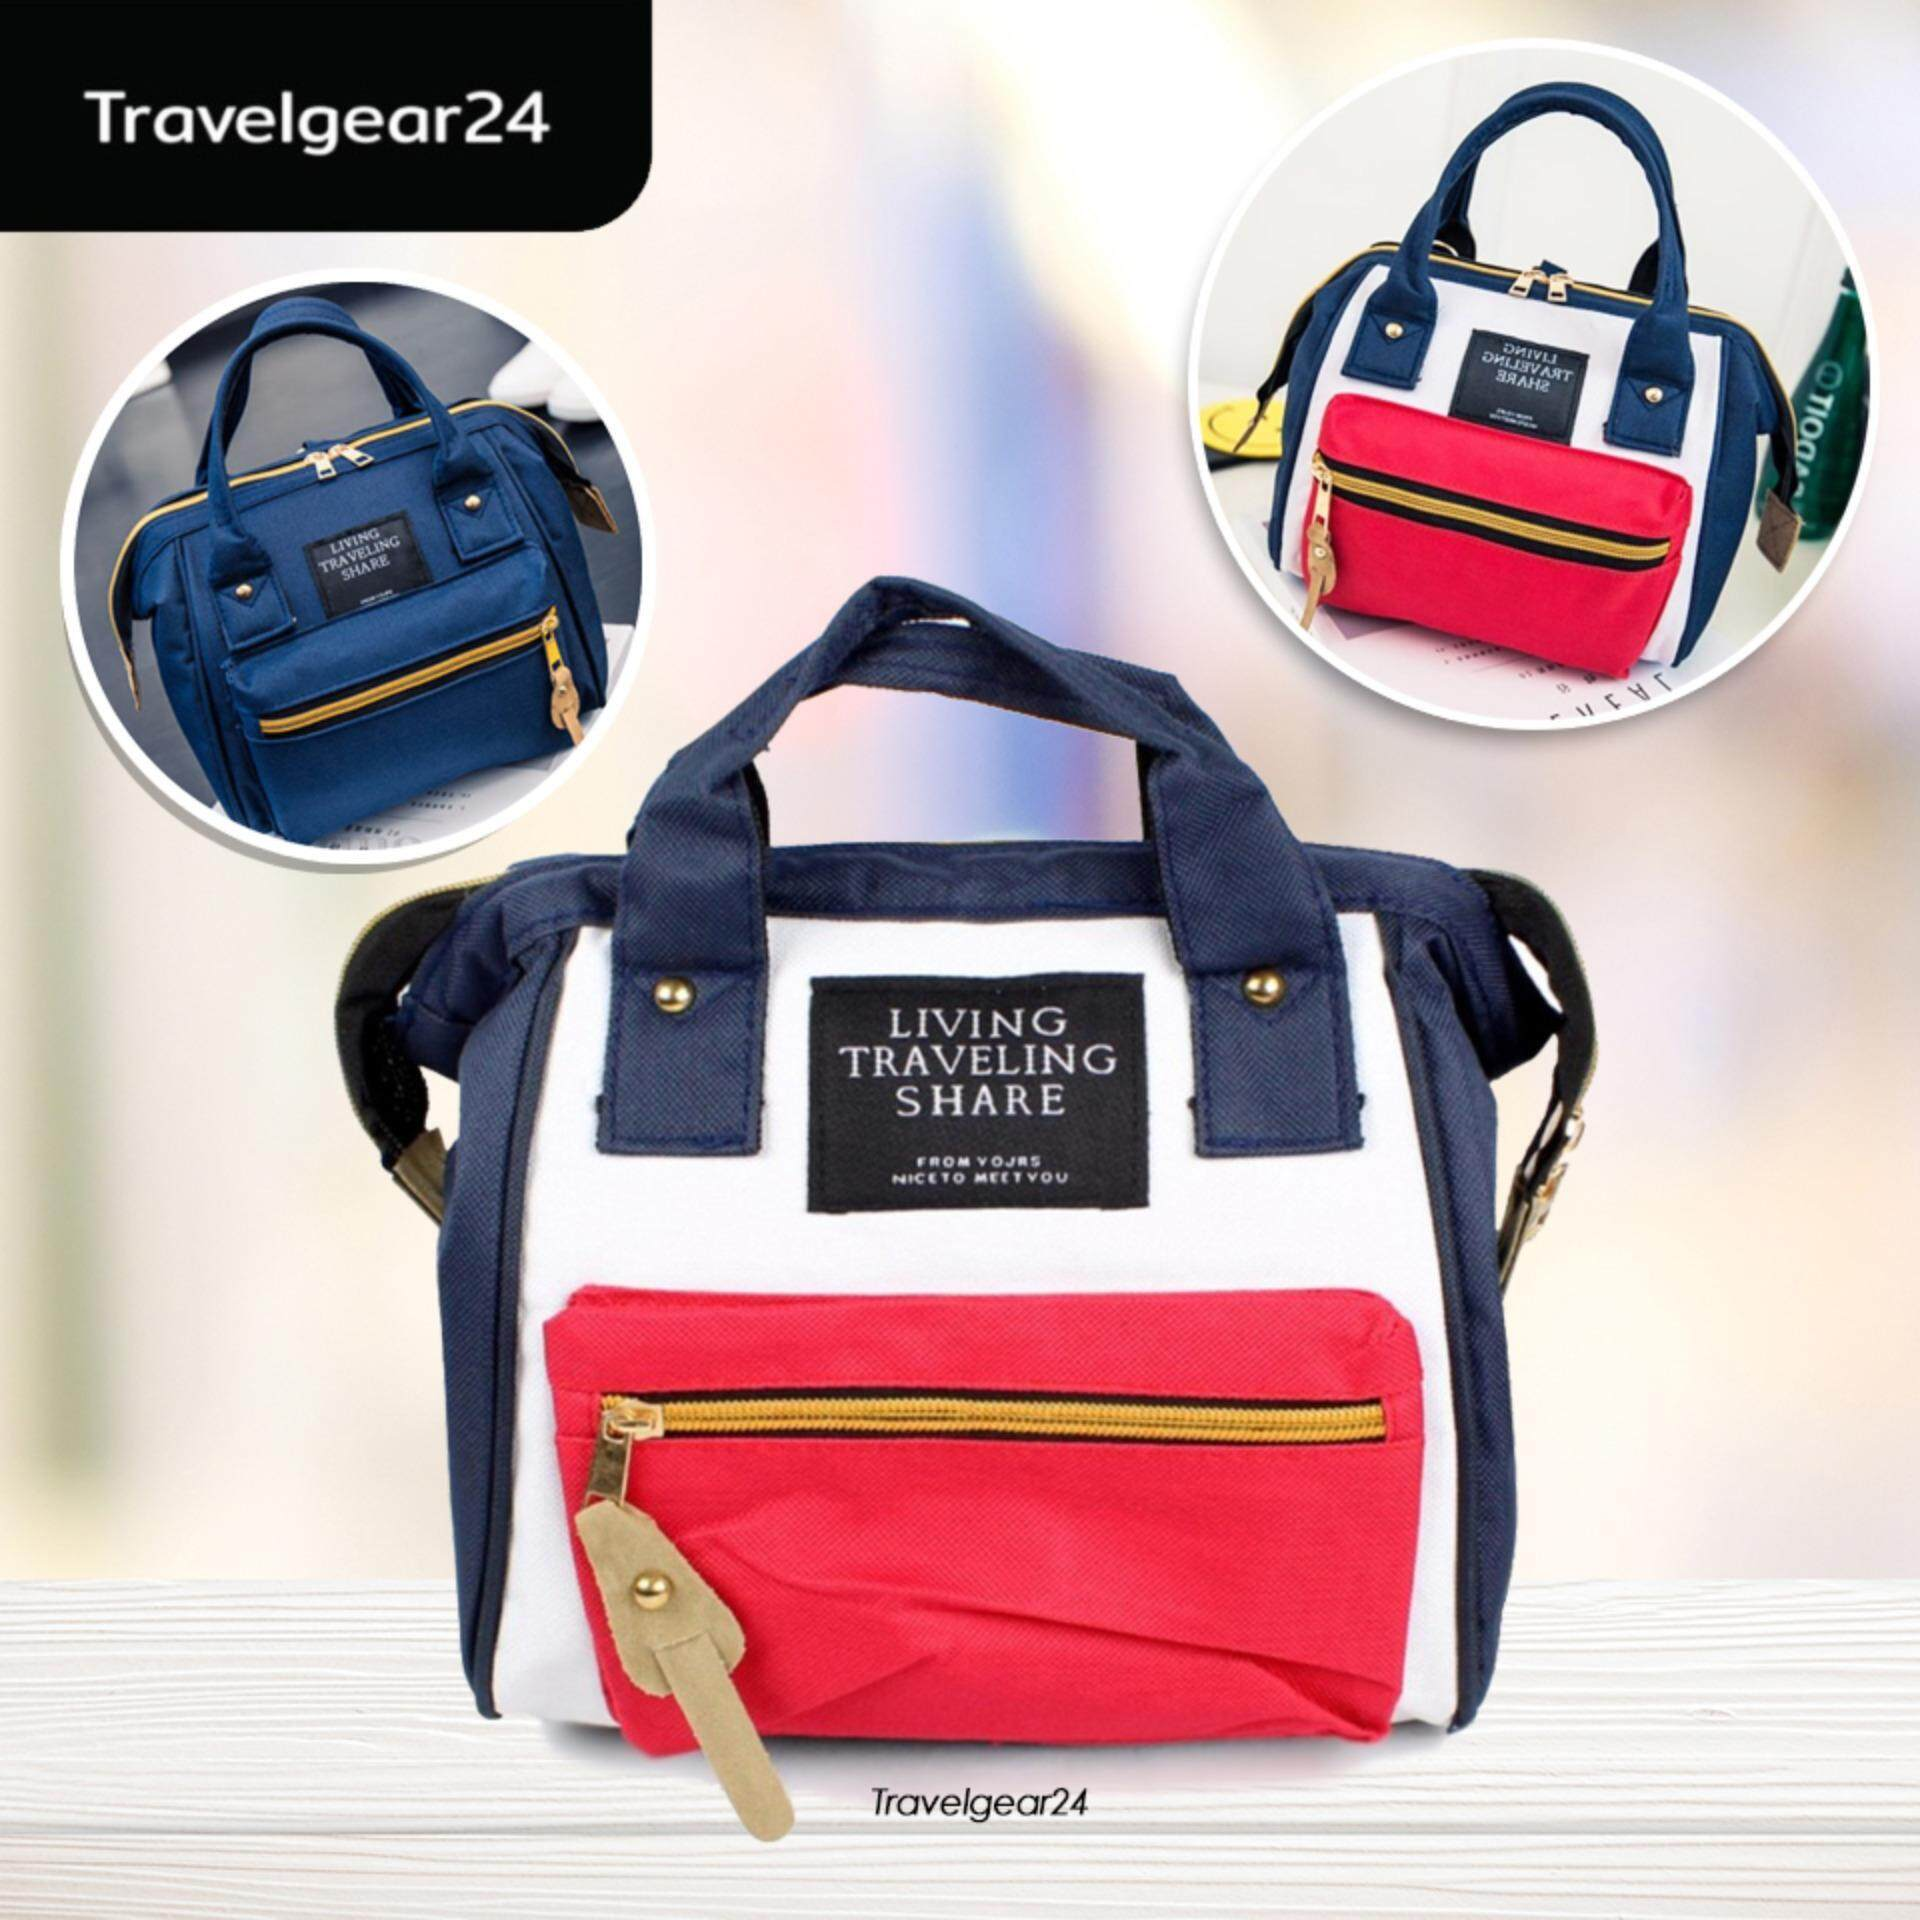 กระเป๋าสะพายพาดลำตัว นักเรียน ผู้หญิง วัยรุ่น พะเยา TravelGear24 กระเป๋าสะพายข้าง กระเป๋าสะพายไหล่ กระเป๋าเป้ กระเป๋าแฟชั่นผู้หญิงสไตล์ญี่ปุ่น Fashion Japan Women Bag   D0081